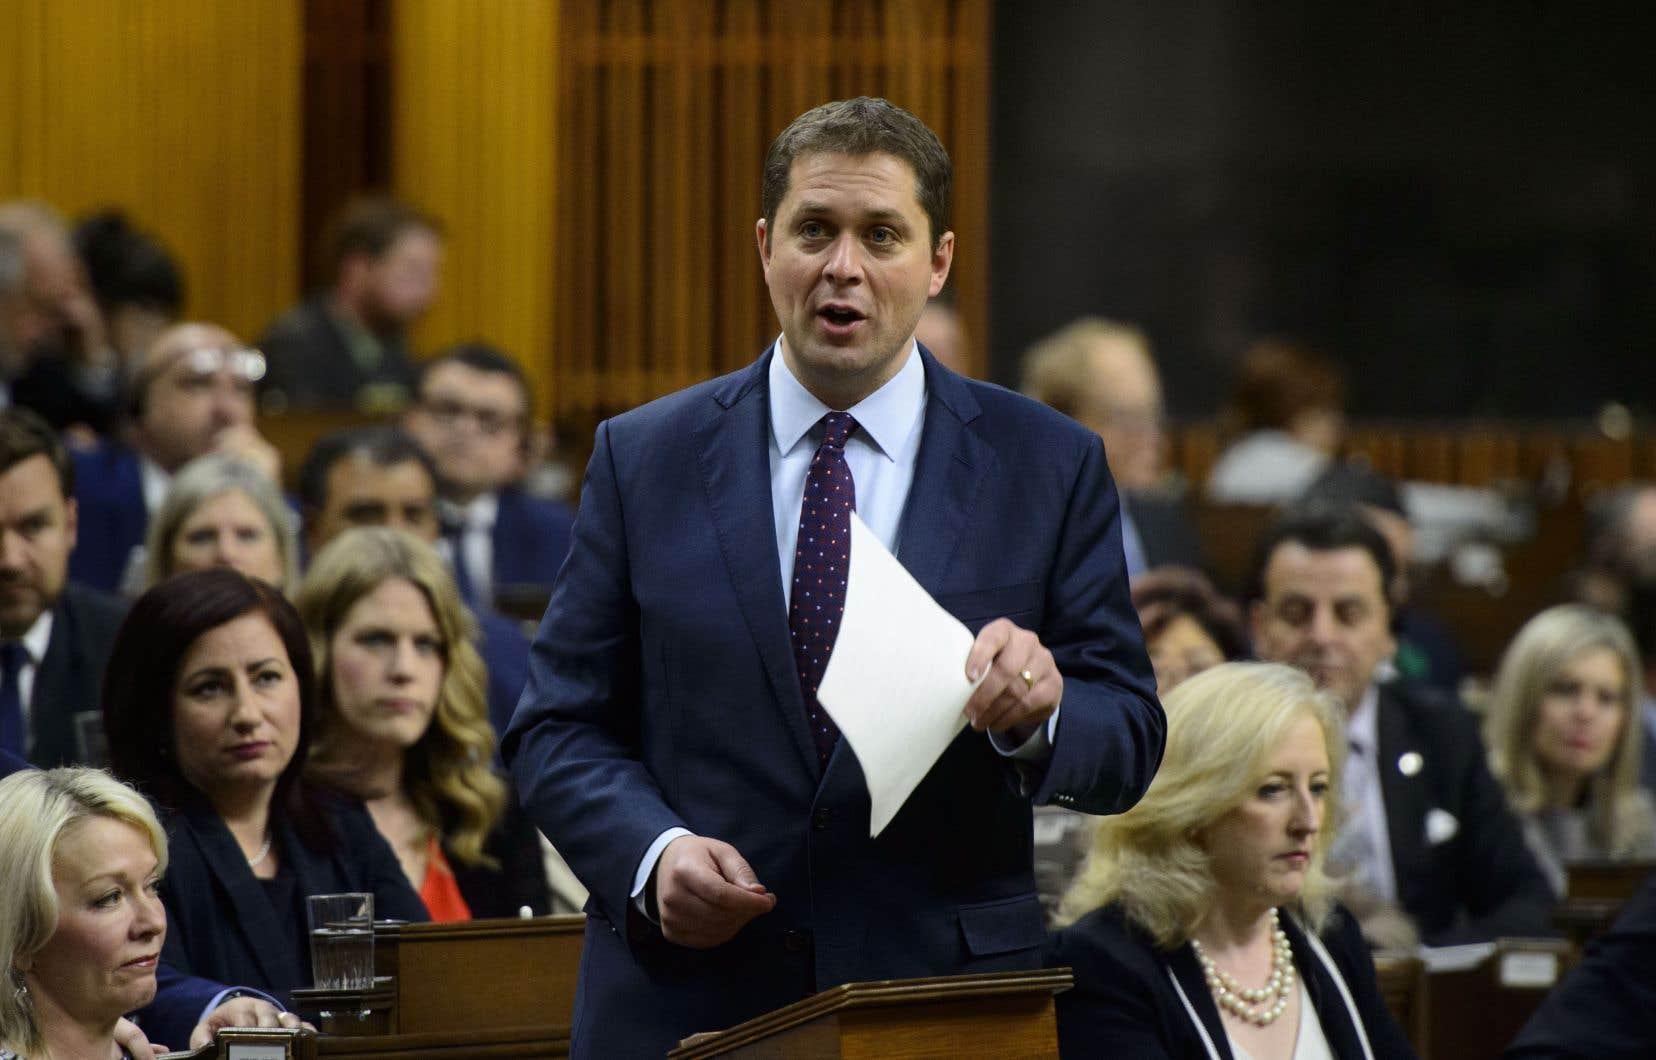 AndrewScheer estime que le gouvernement libéral, et le premier ministre Justin Trudeau en tête, n'agit pas en conformité avec le discours environnemental qu'il tient.